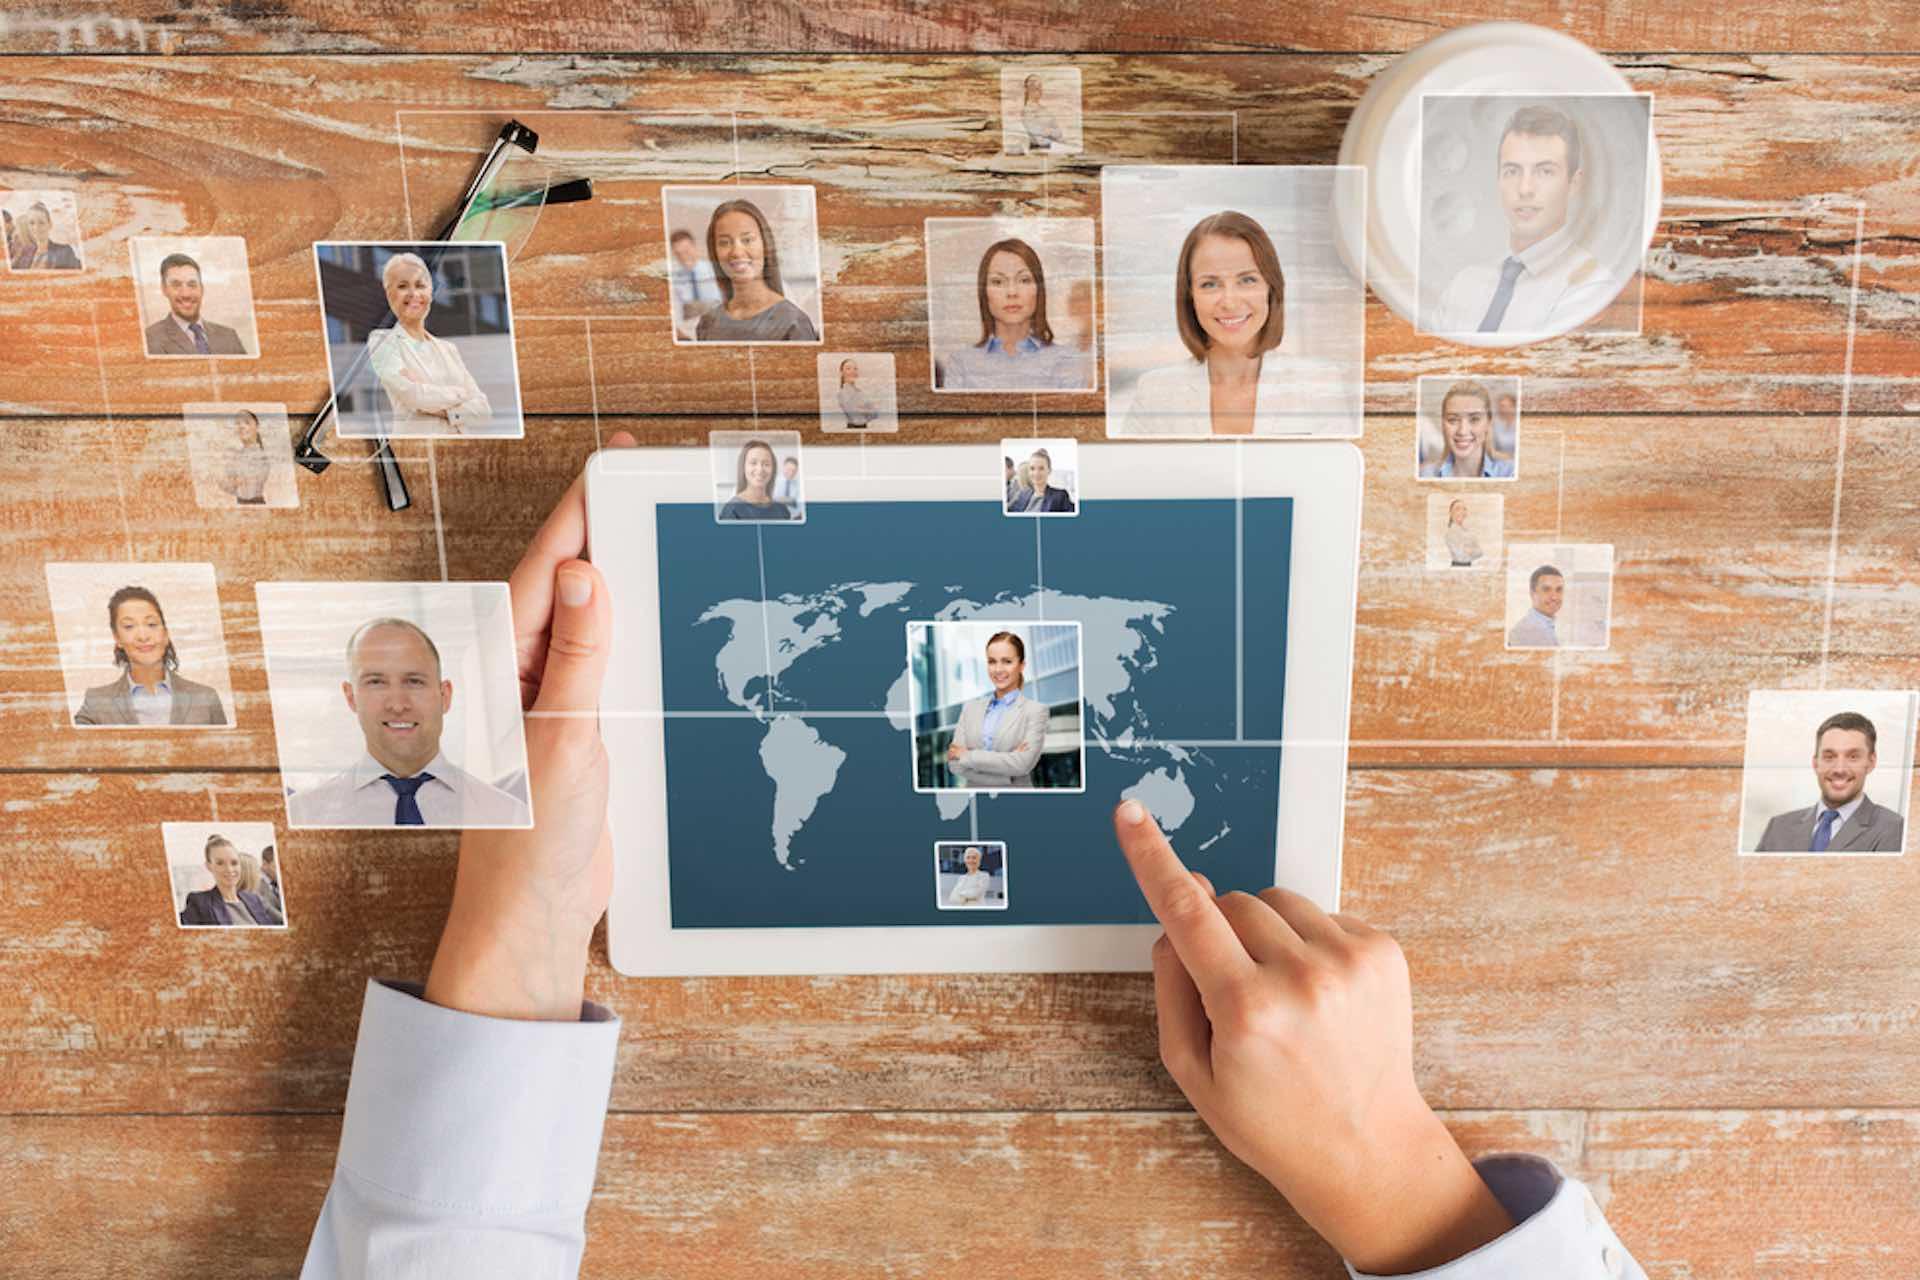 員工年度考核績效可能成為過去式-人才管理趨勢改變